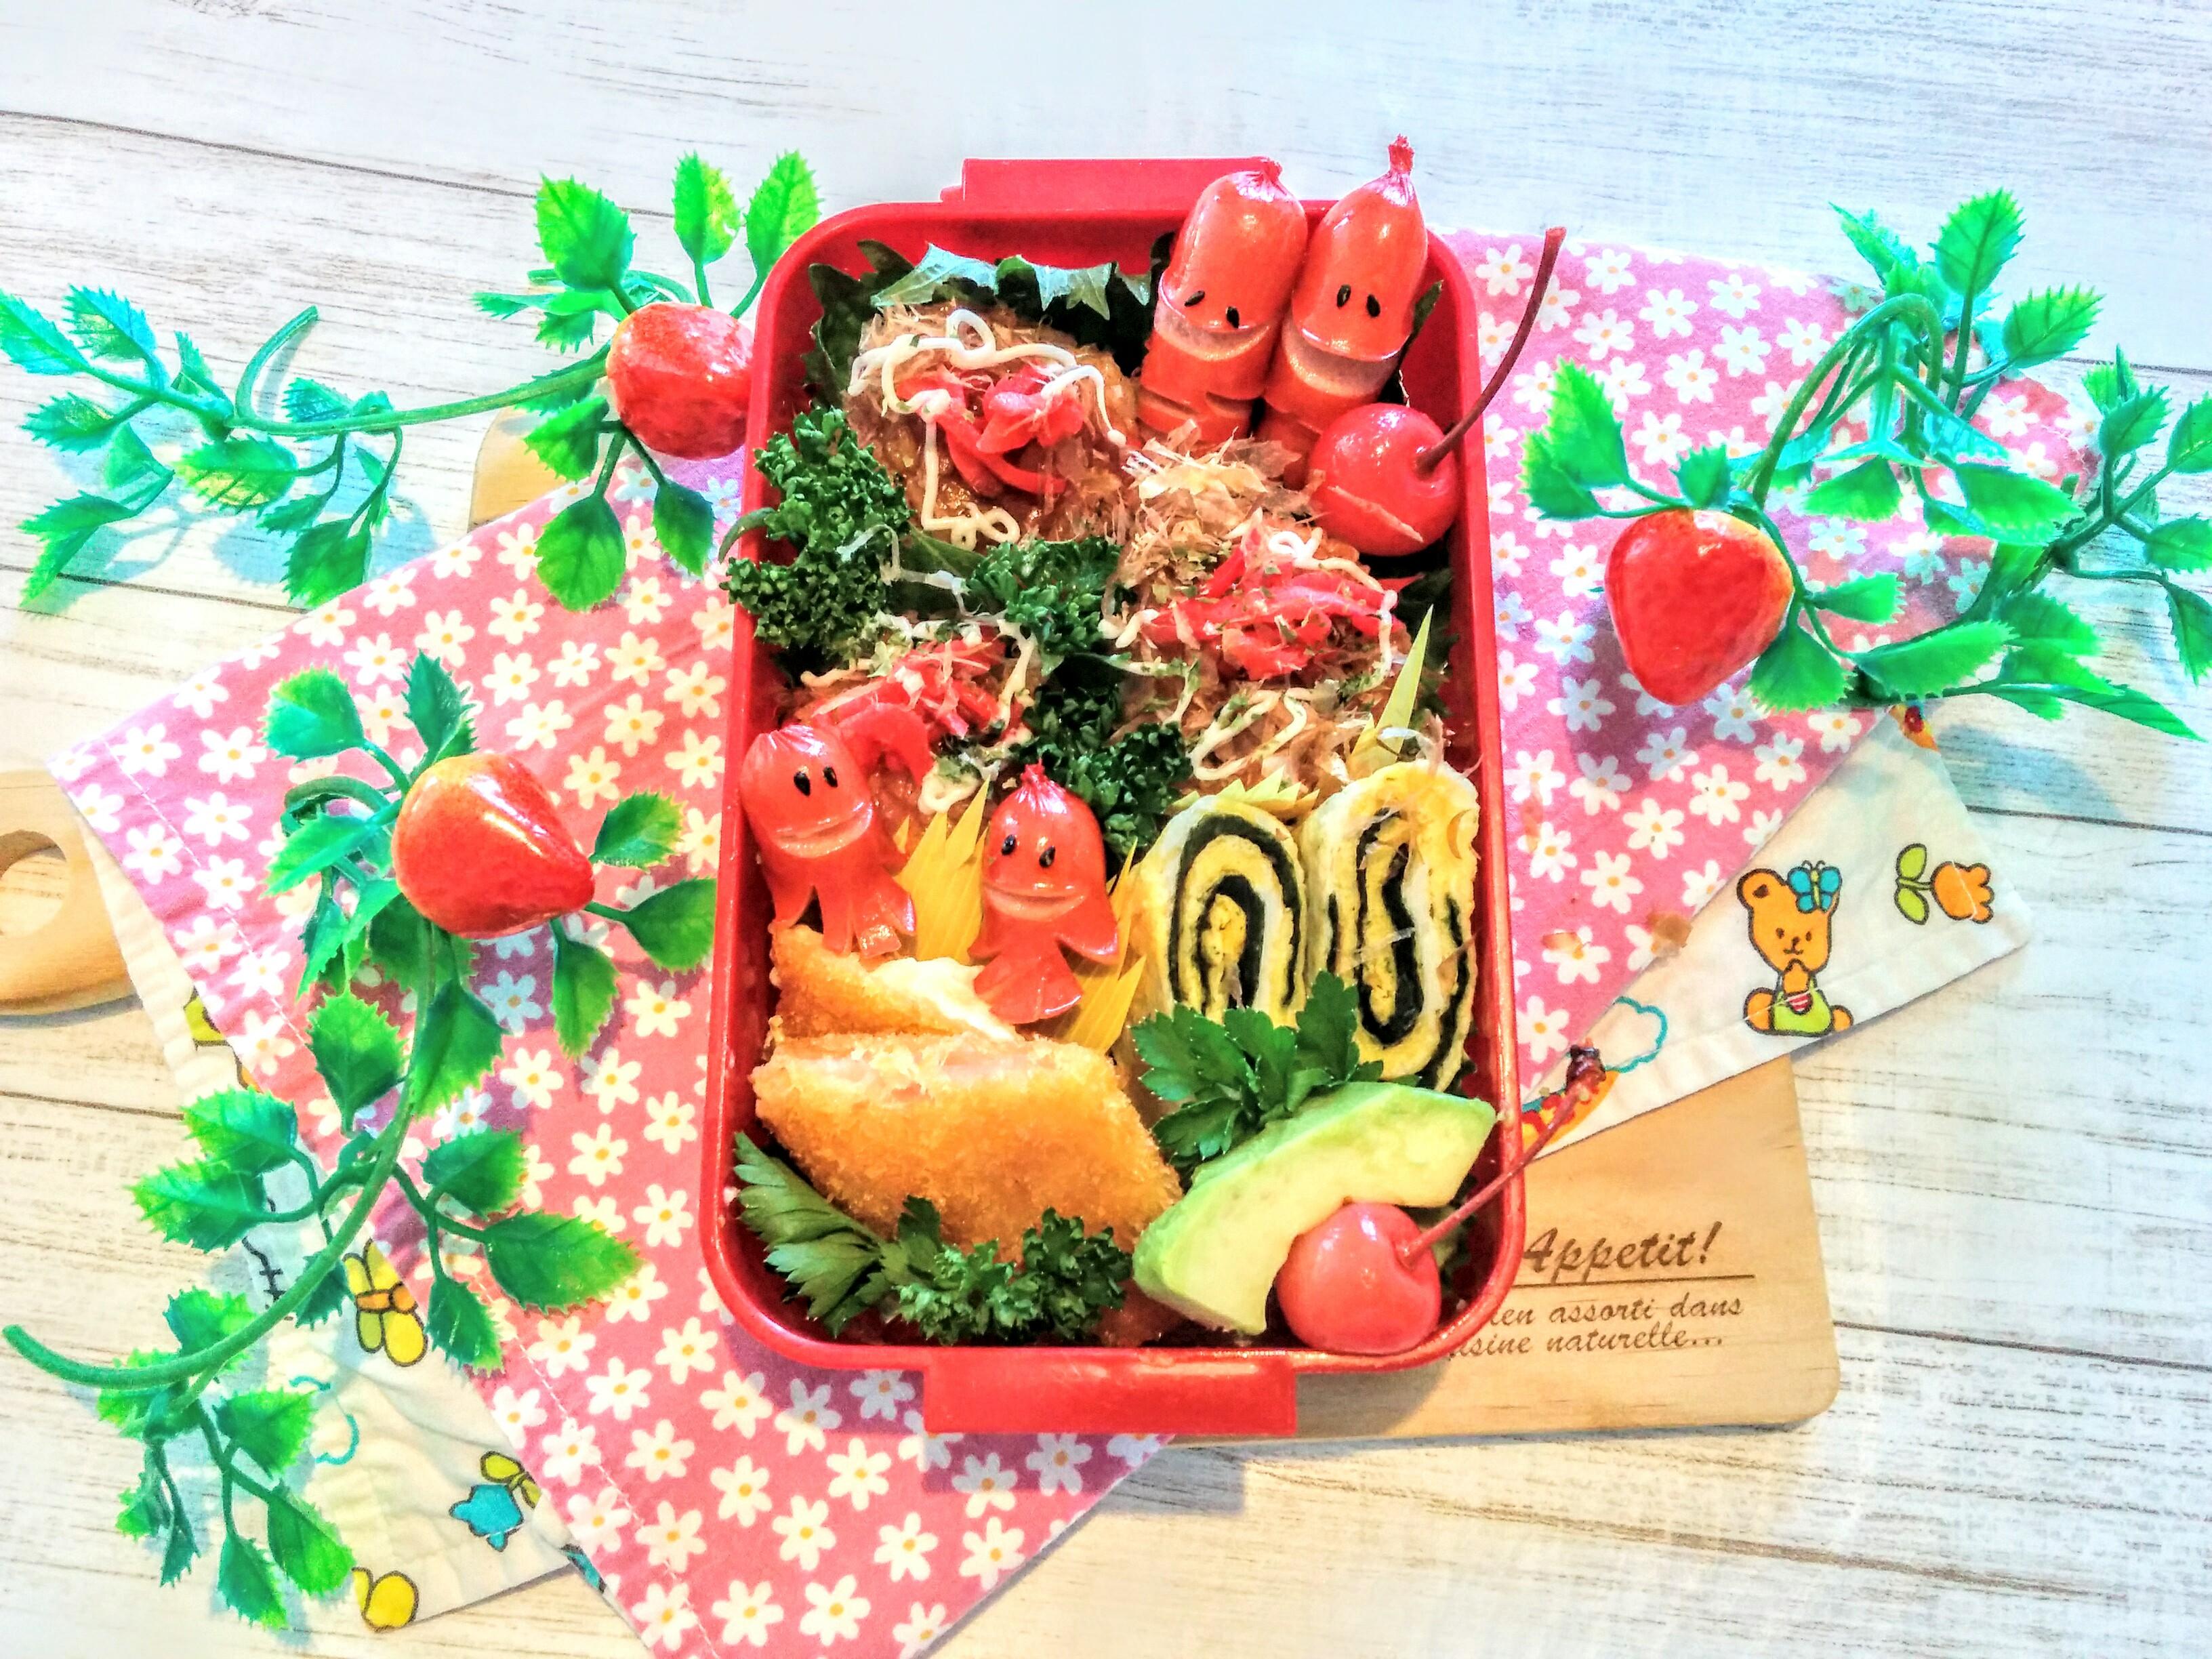 【小樽】娘の今日のお弁当・タコ焼き風焼きお握り弁当グルメ案内です。